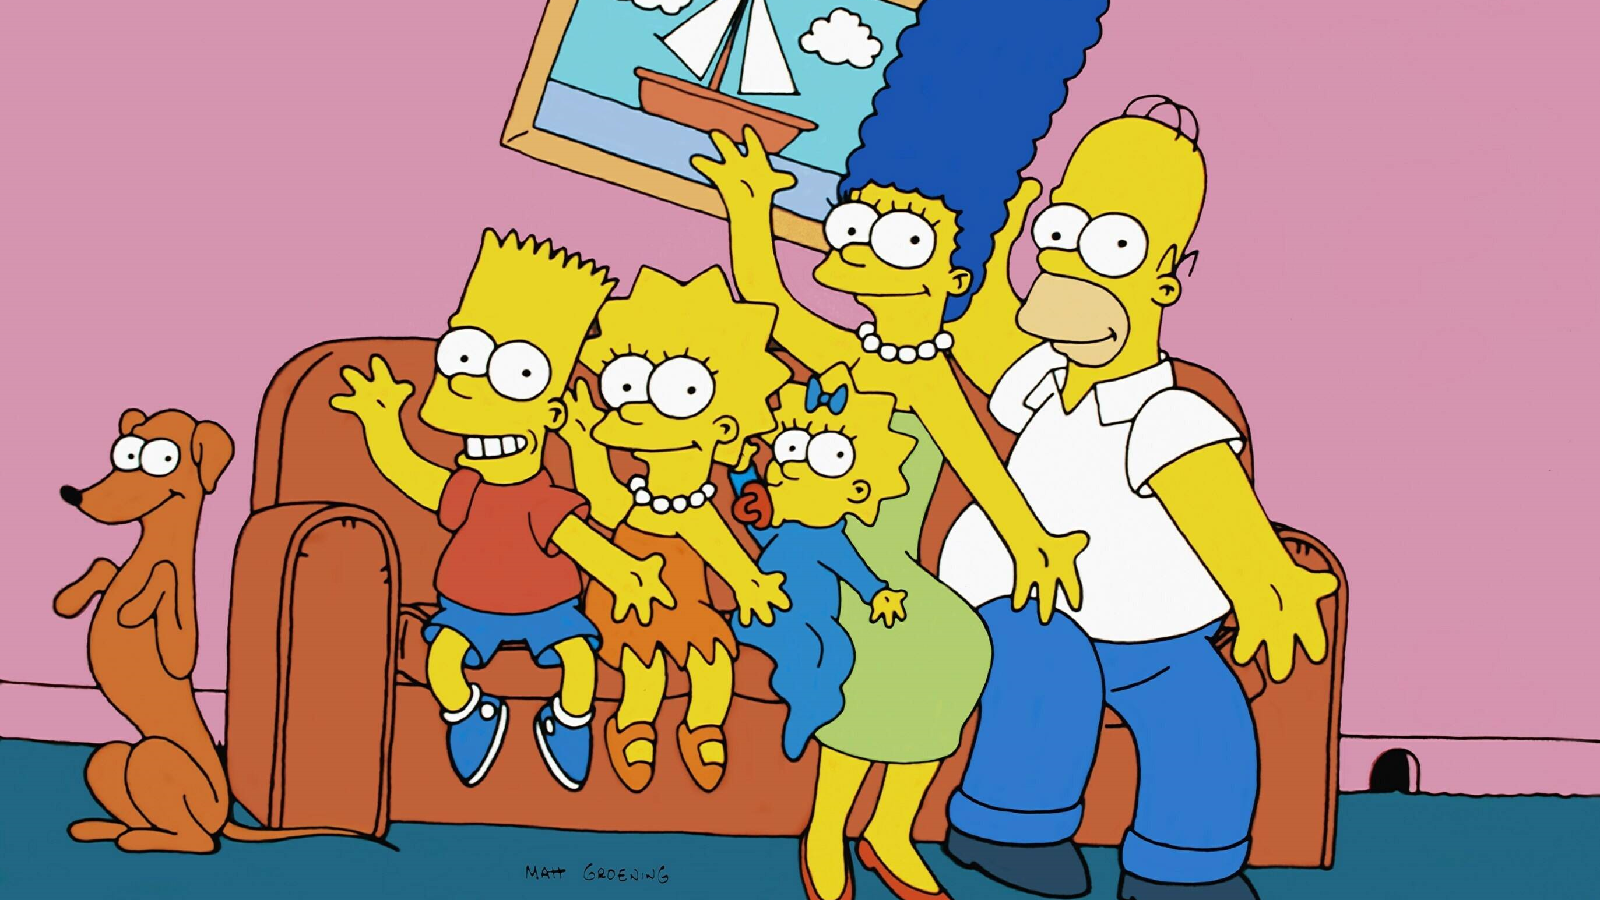 Darum sind die Simpsons gelb